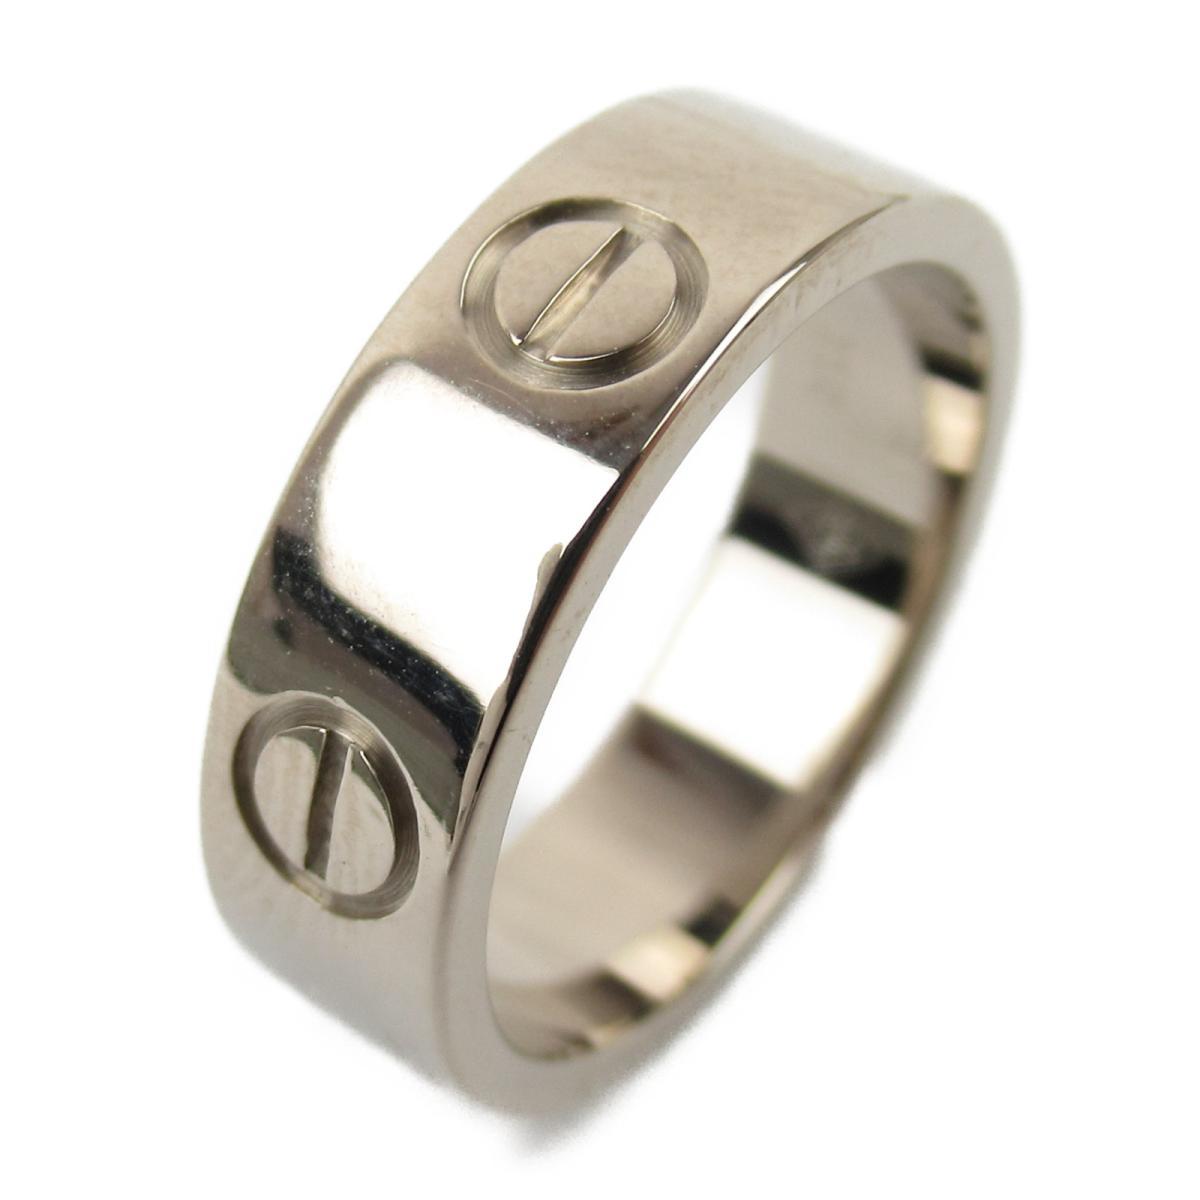 カルティエ ラブリング 指輪 ブランドジュエリー レディース K18WG (750) ホワイトゴールド 【中古】   Cartier BRANDOFF ブランドオフ ブランド ジュエリー アクセサリー リング